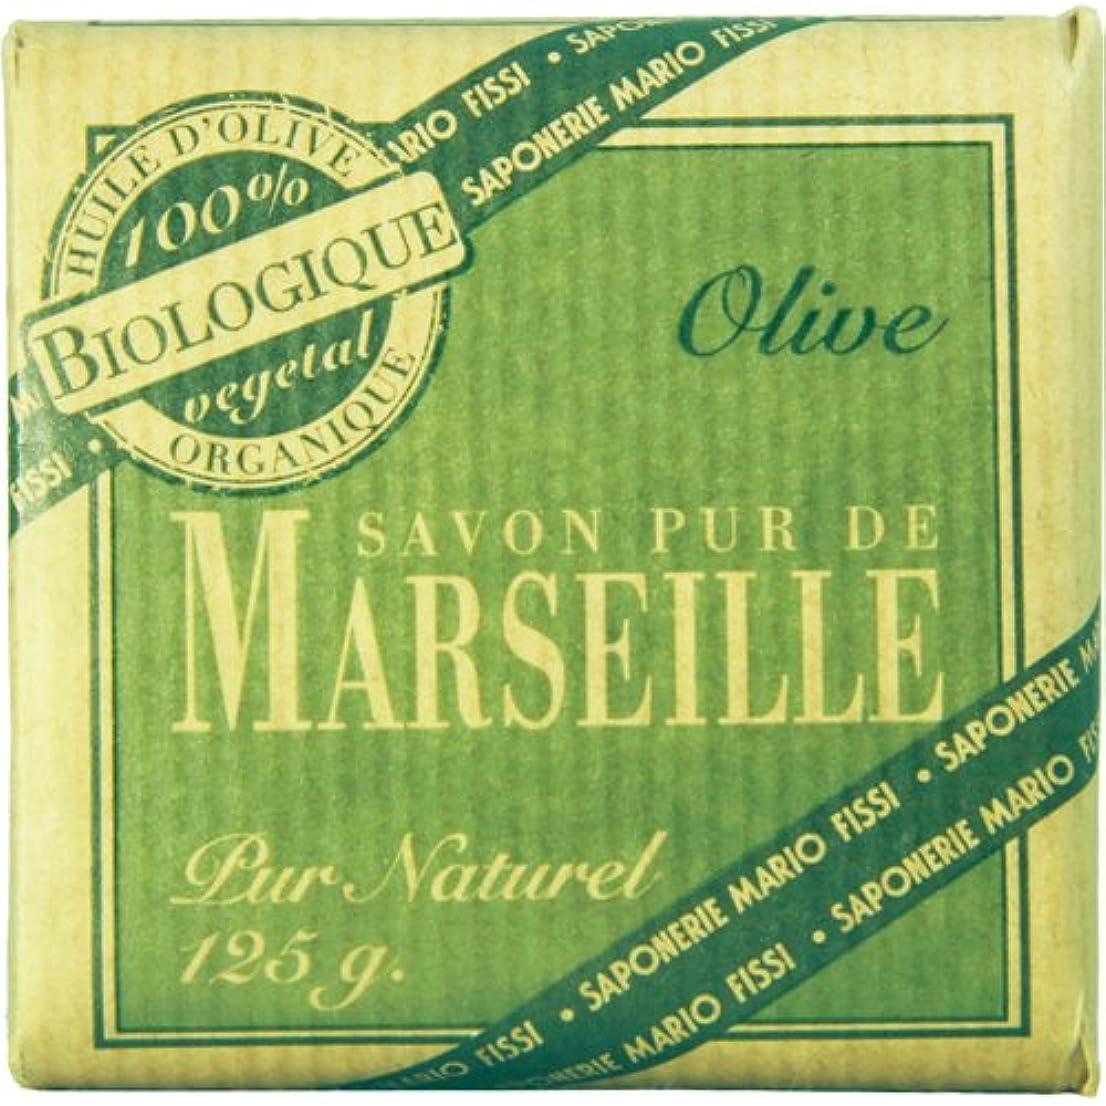 著名な遺棄されたロゴSaponerire Fissi マルセイユシリーズ マルセイユソープ 125g Olive オリーブ